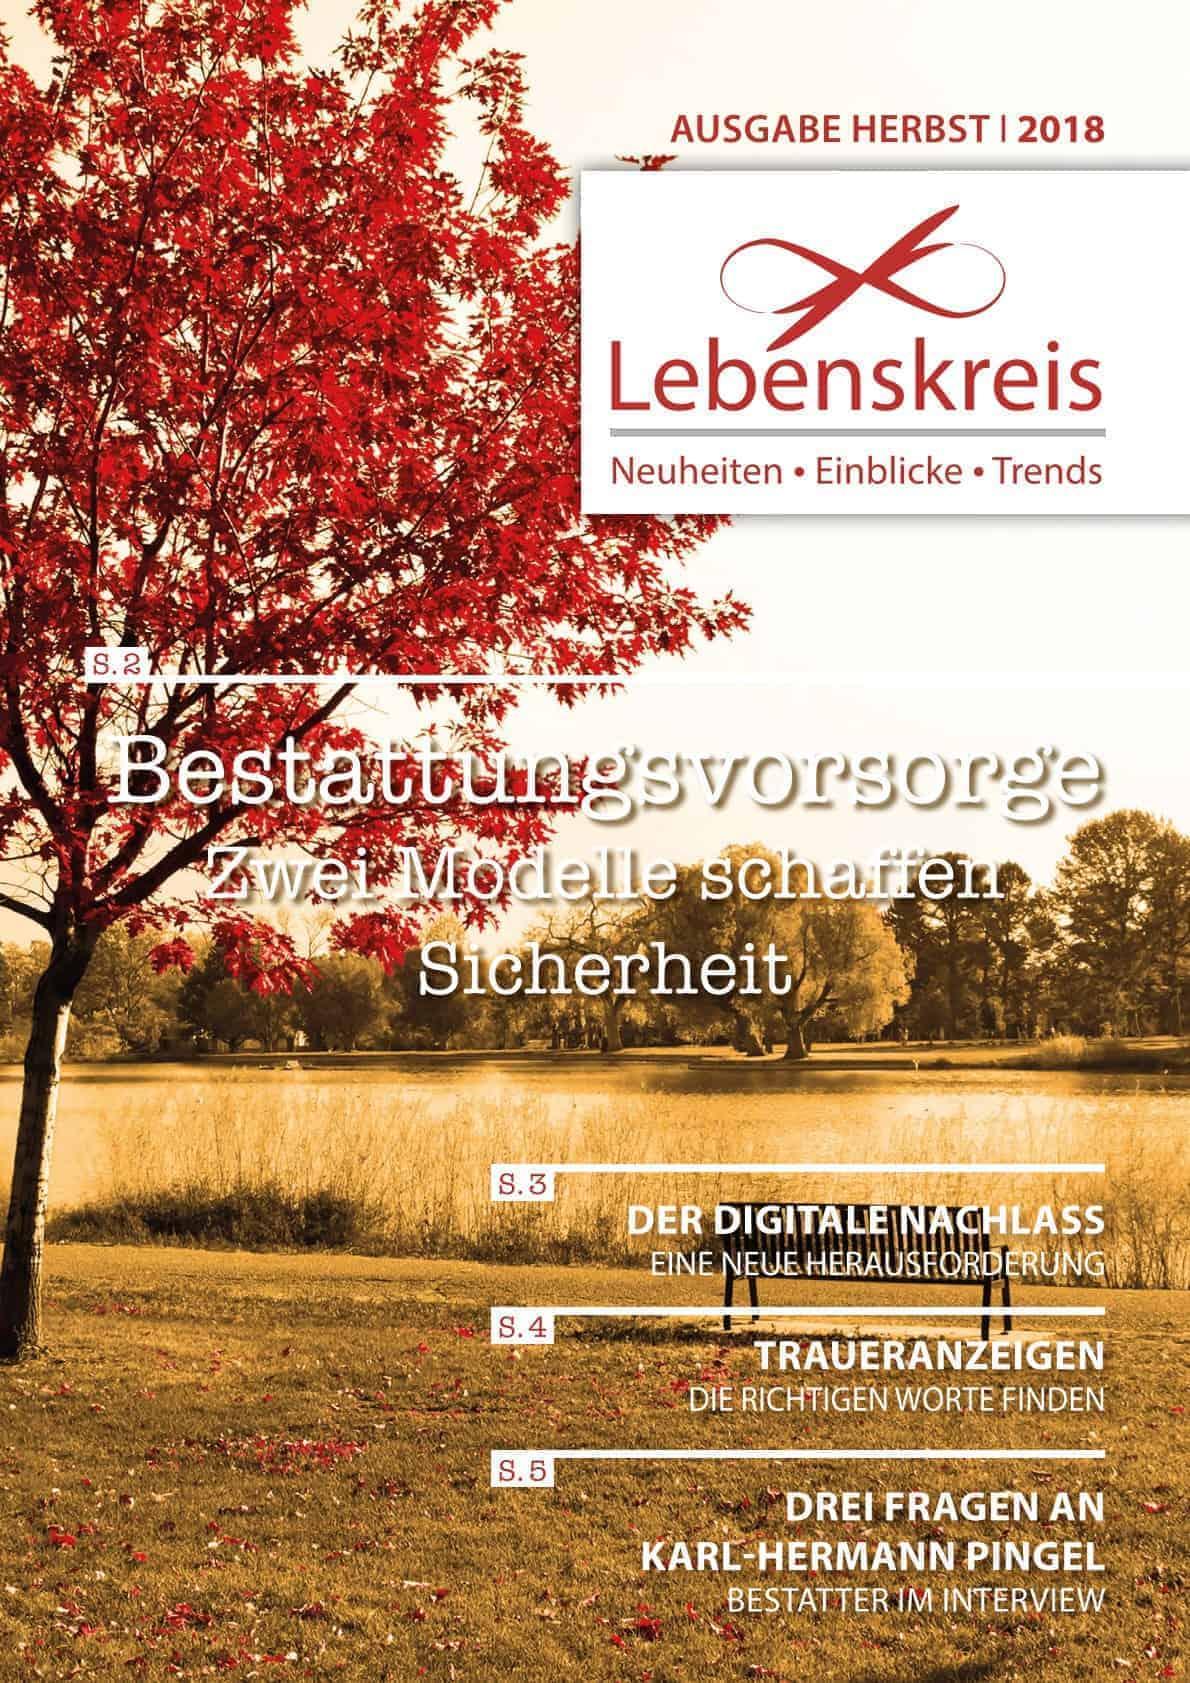 Lebenskreis_2018_Herbst